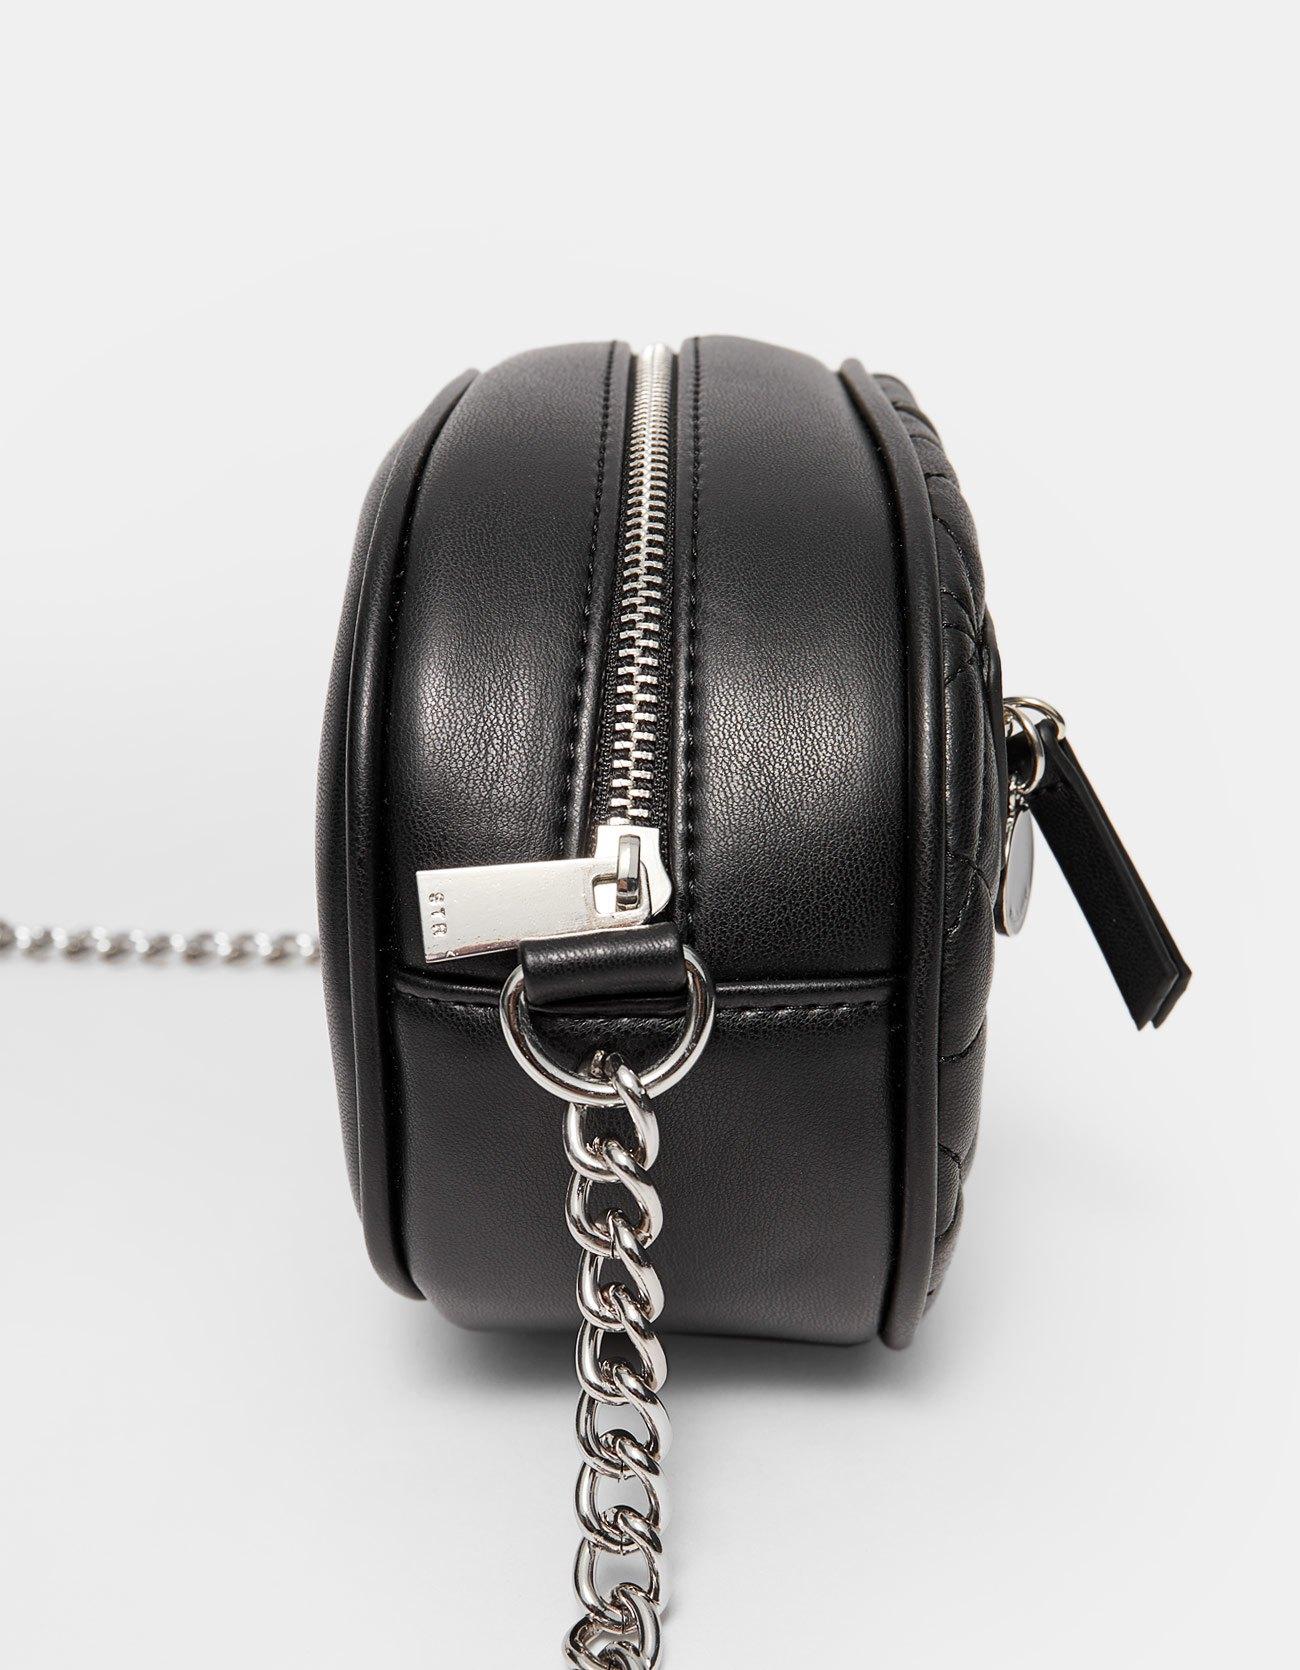 900a63f0c808f Modalite - Stradivarius Kapitone çapraz askılı çanta